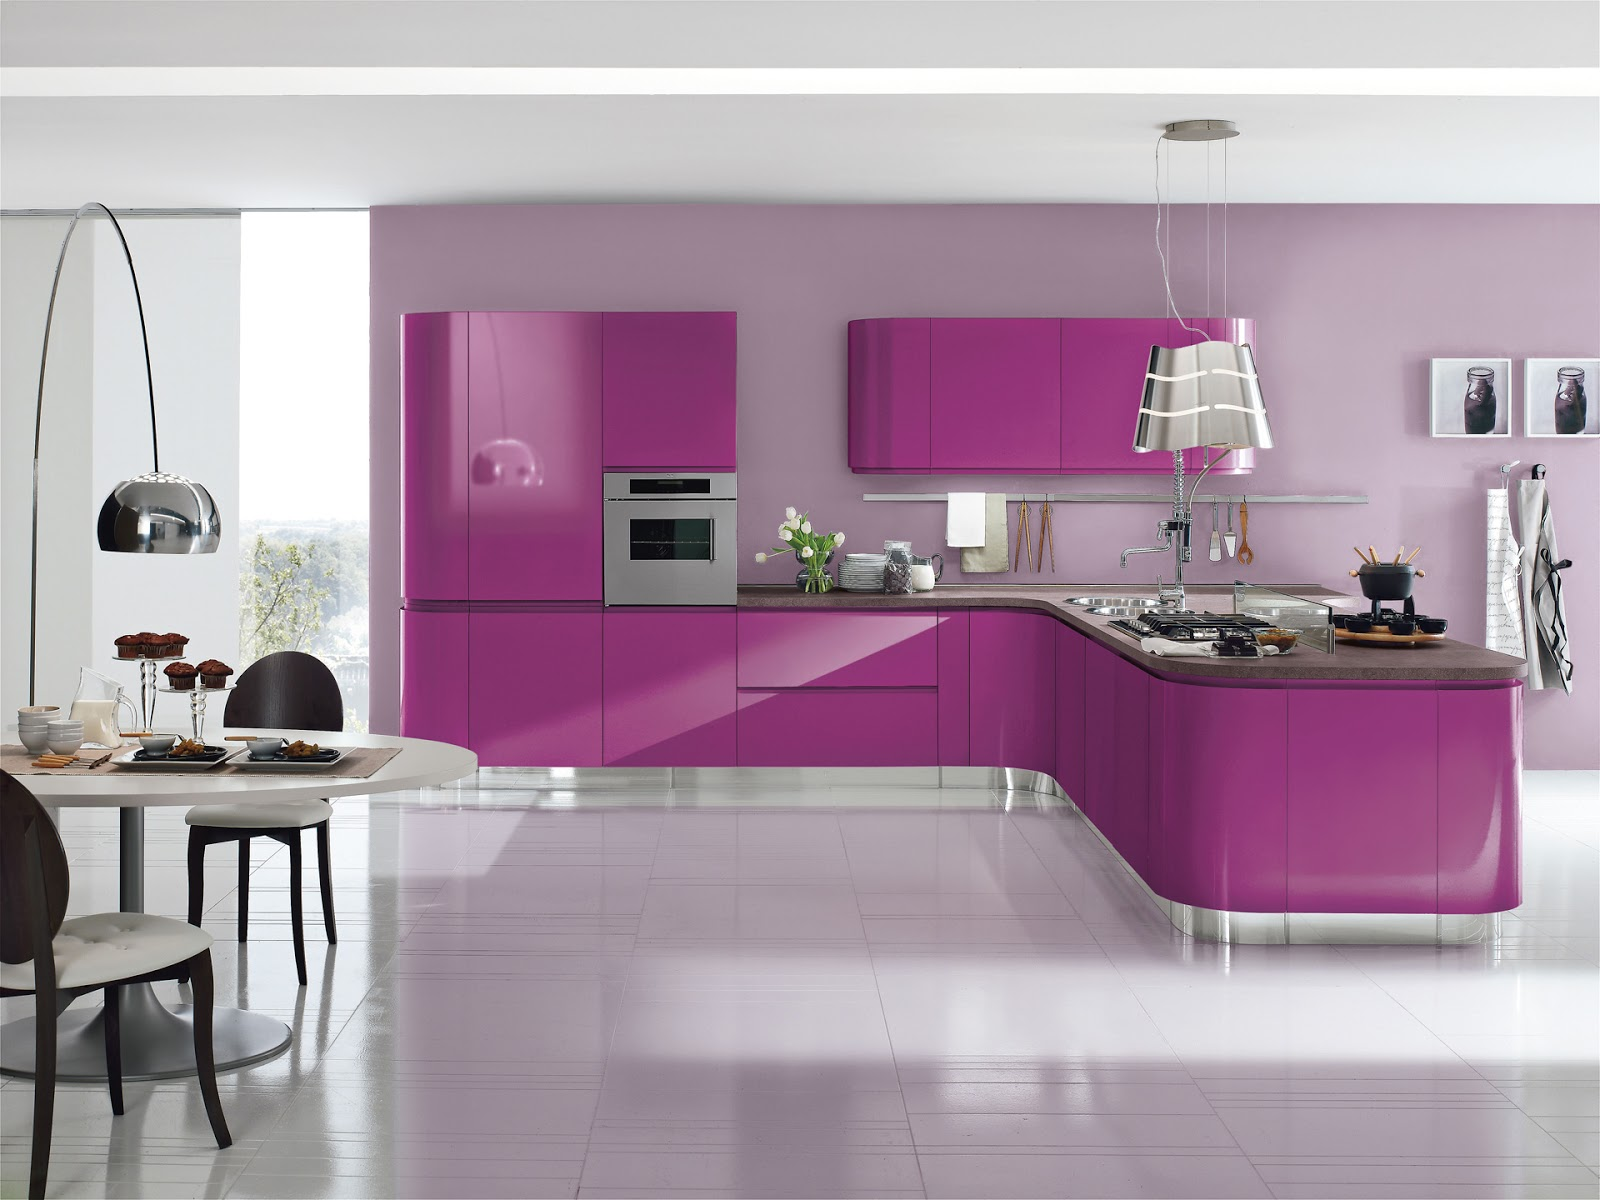 El acabado de la cocina brillo o mate cocinas con estilo - Cocinas con colores vivos ...